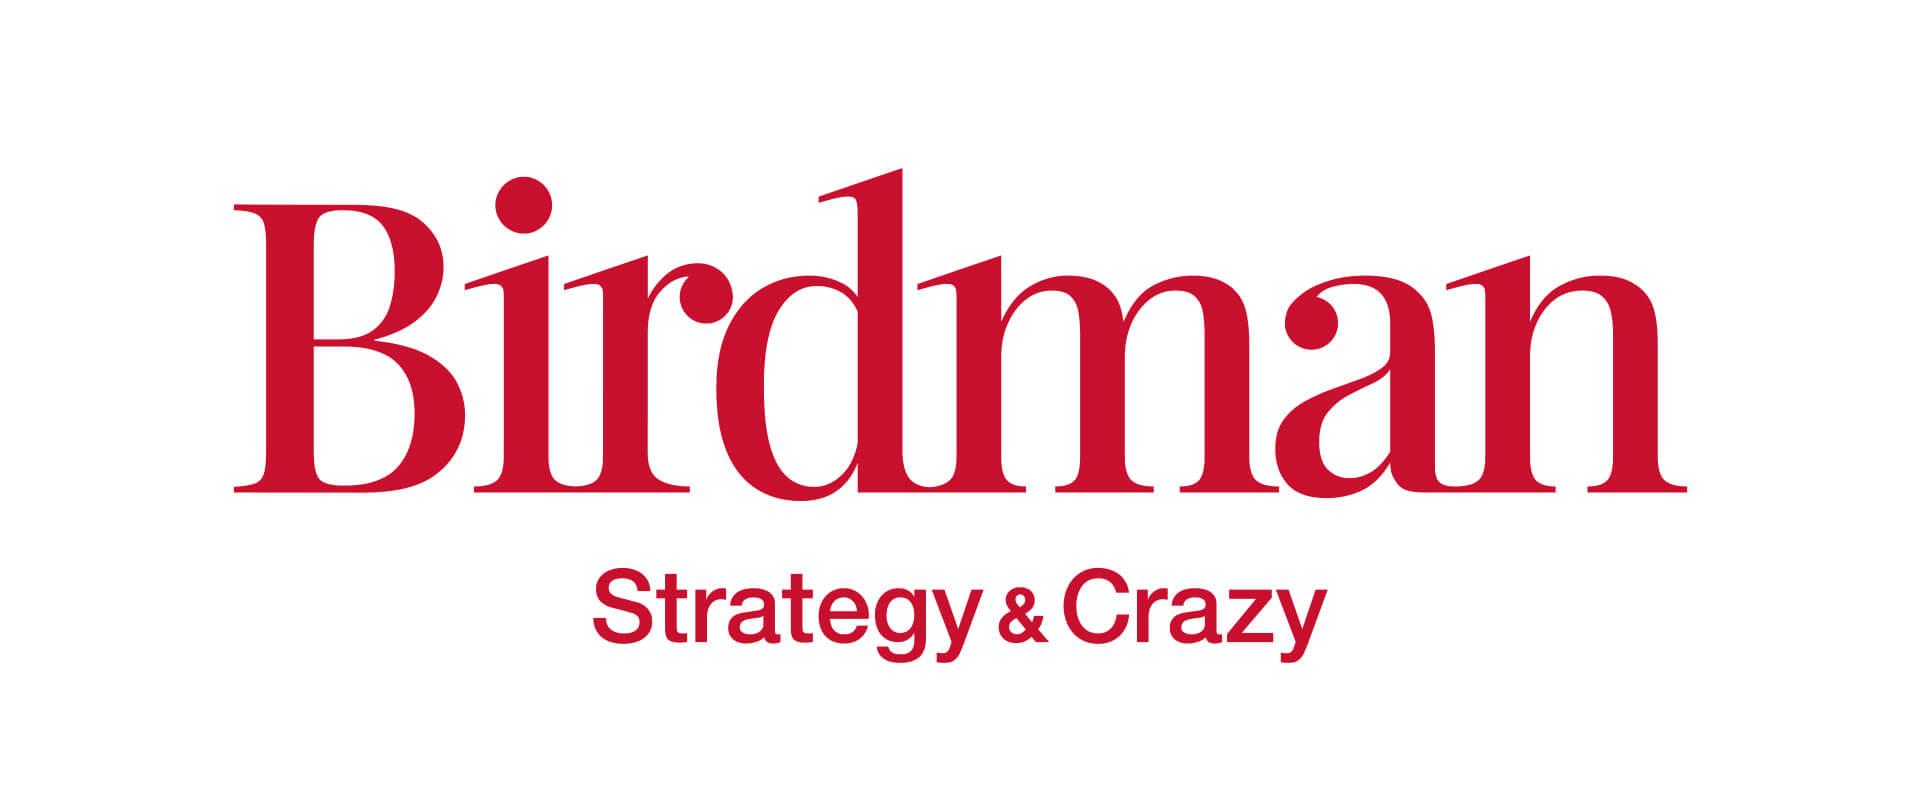 株式会社エードットが株式会社Birdmanに社名変更し、CIをフルリニューアル